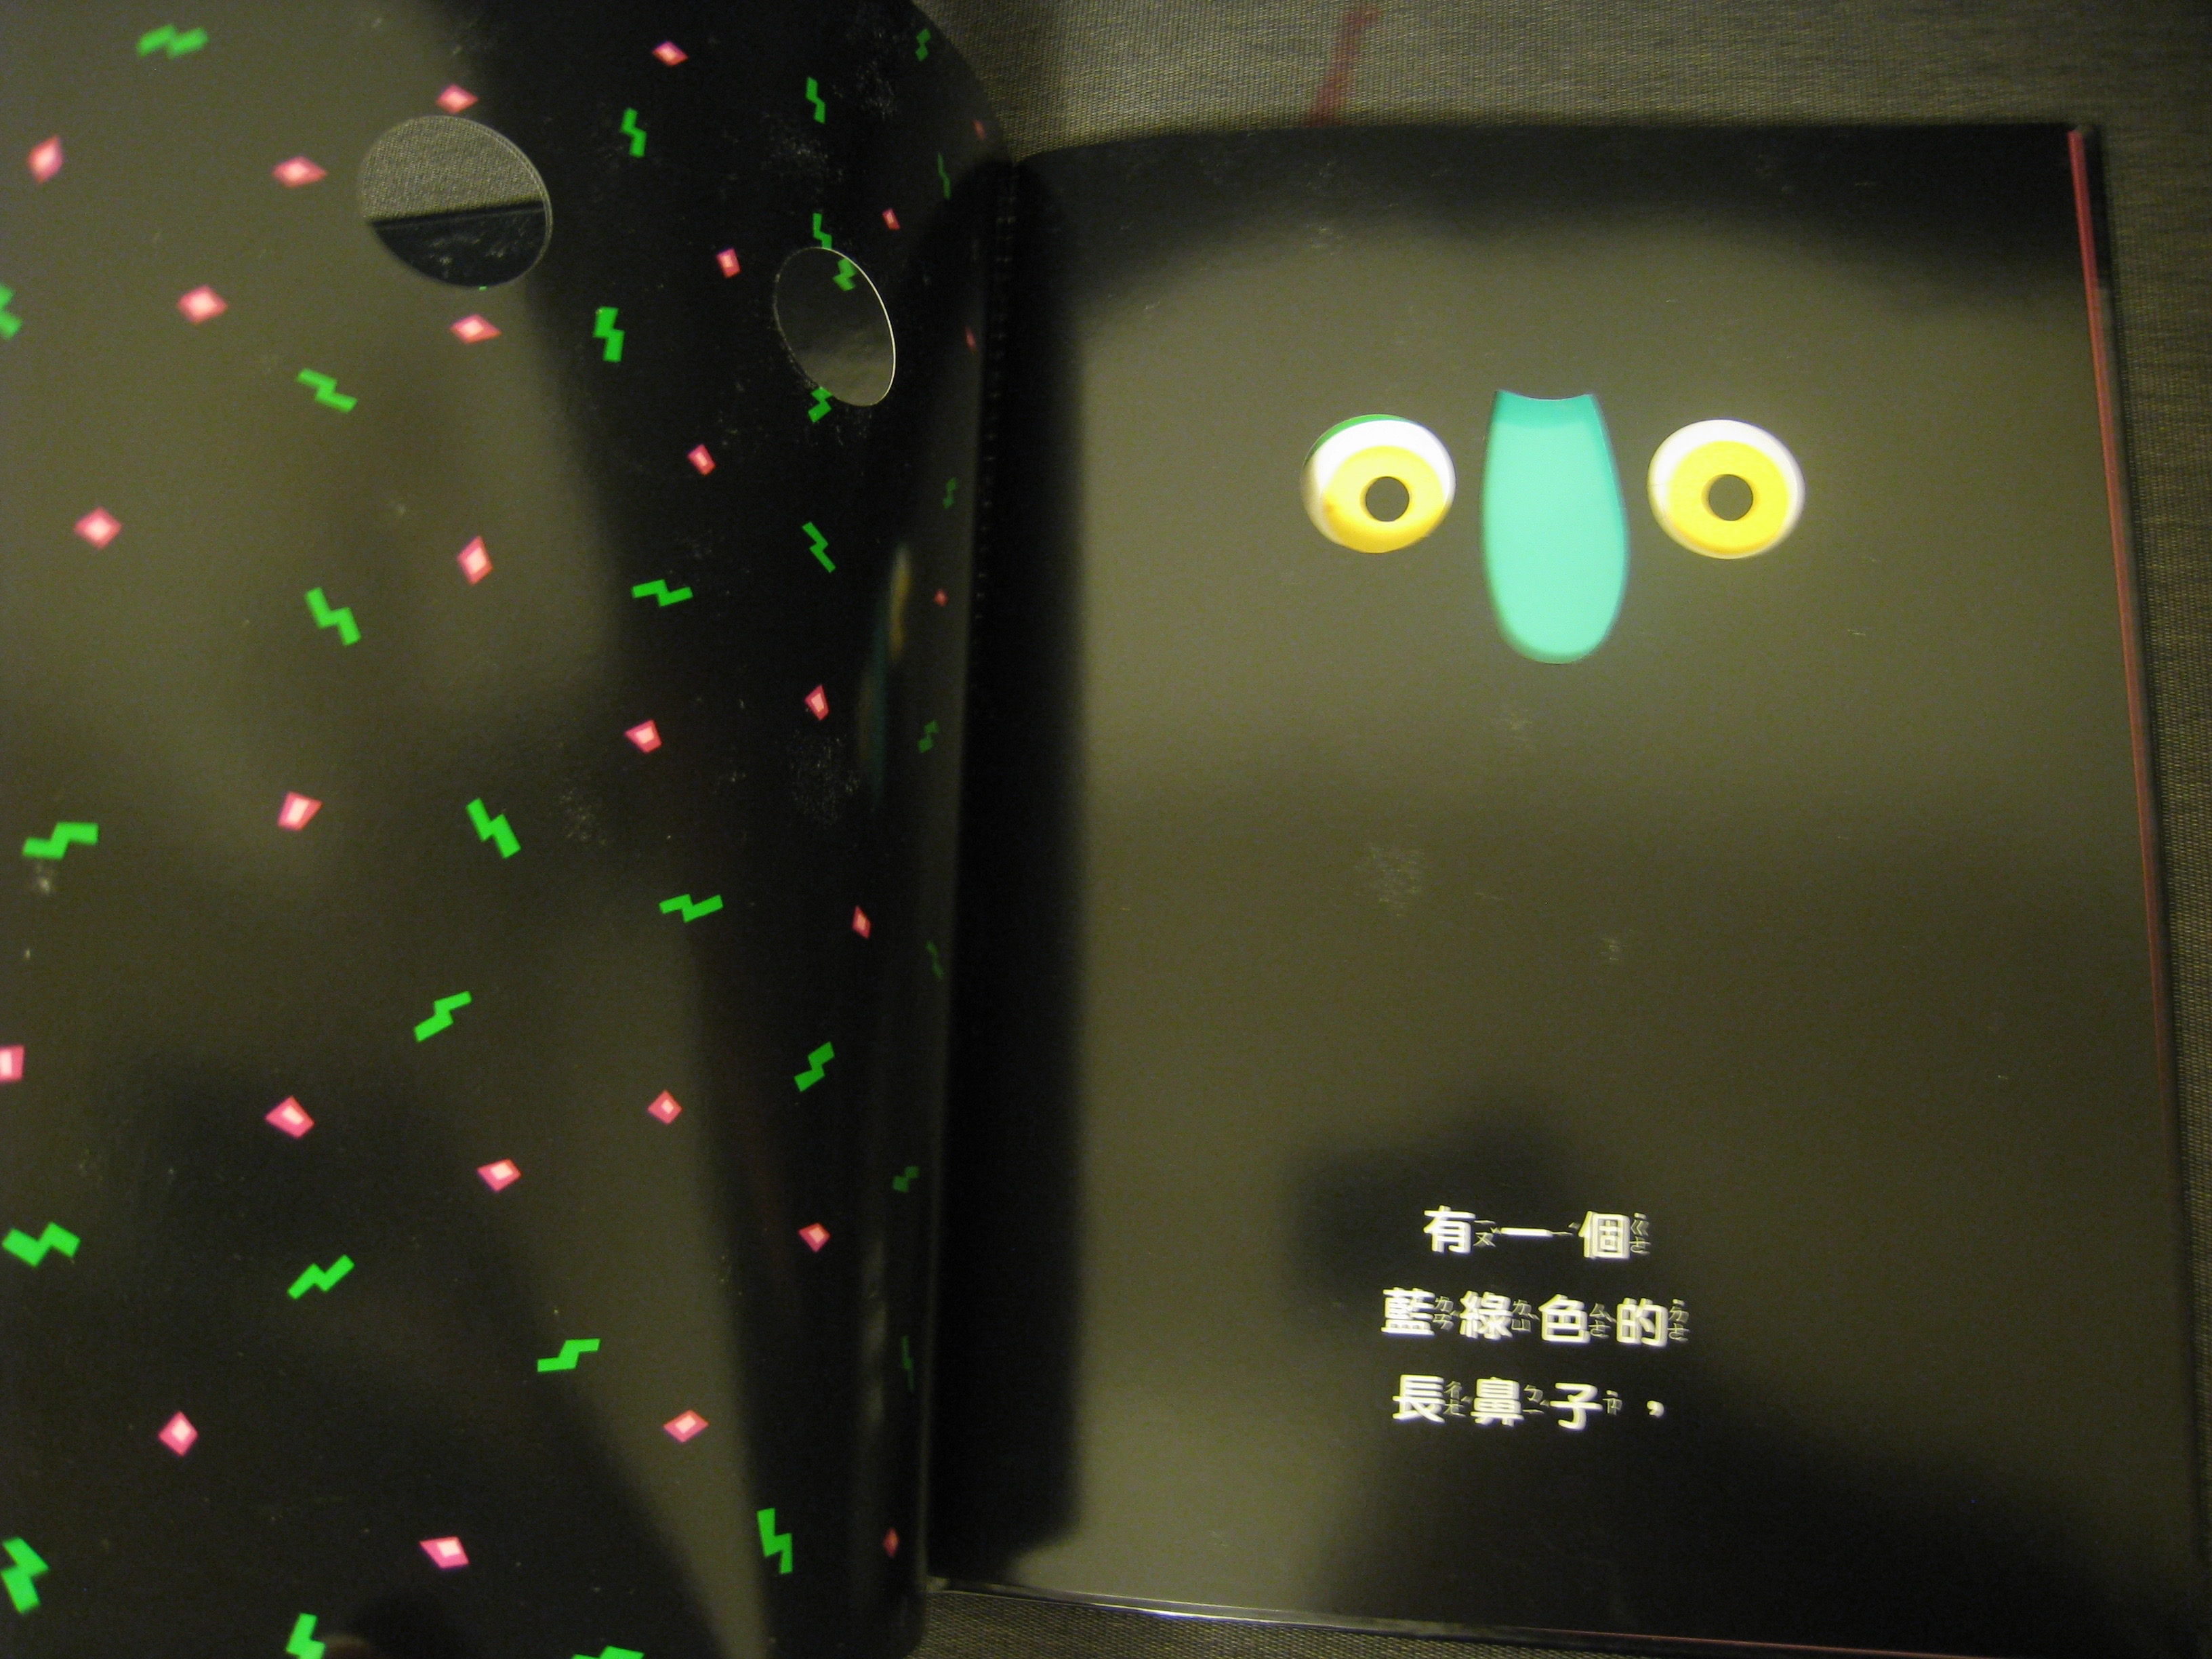 顏色洞洞書 — 走開,綠色大怪物 | 大鑰匙的天地